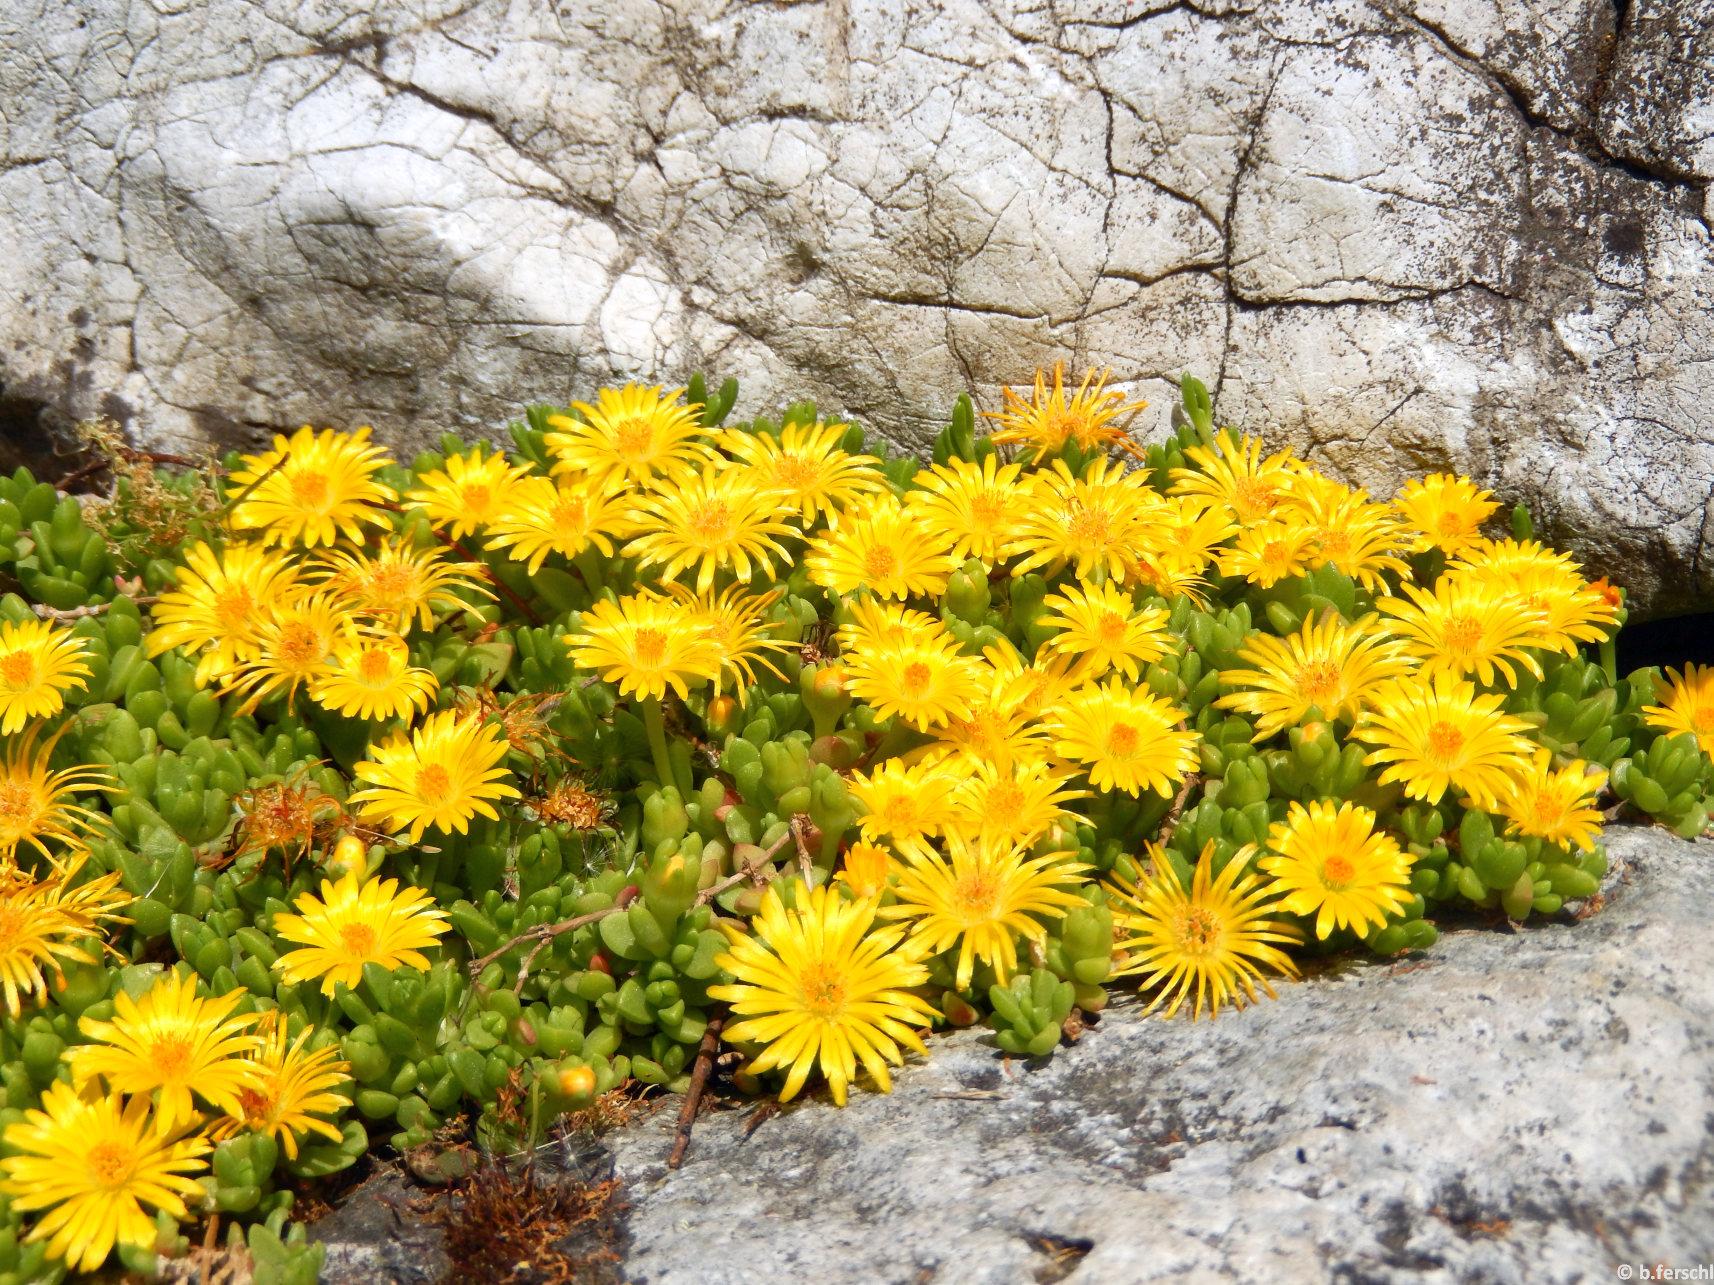 Delosperma nubigenum pozsgás levélkéi és élénksárga virágai a sziklakertben